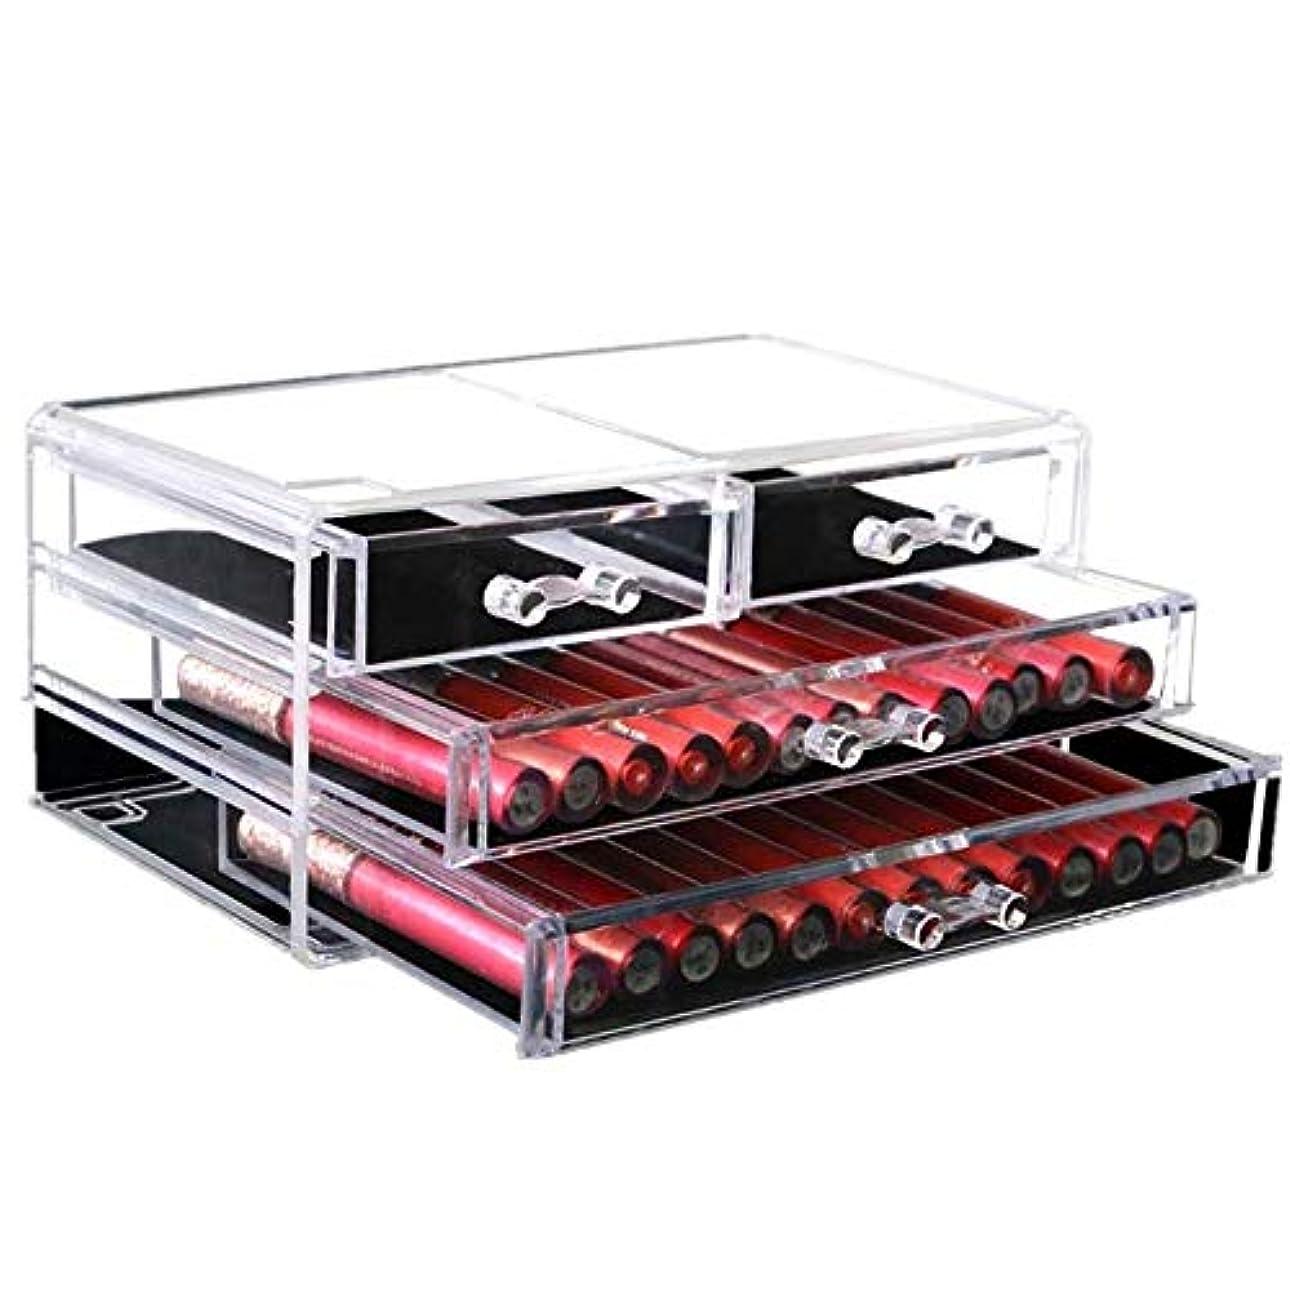 アーサーコナンドイル委員会今日整理簡単 引出しの構造の宝石類のディスプレイ?ボックスが付いている簡単で明確なアクリルの化粧品のオルガナイザー (Color : Clear, Size : 24*13.5*11CM)